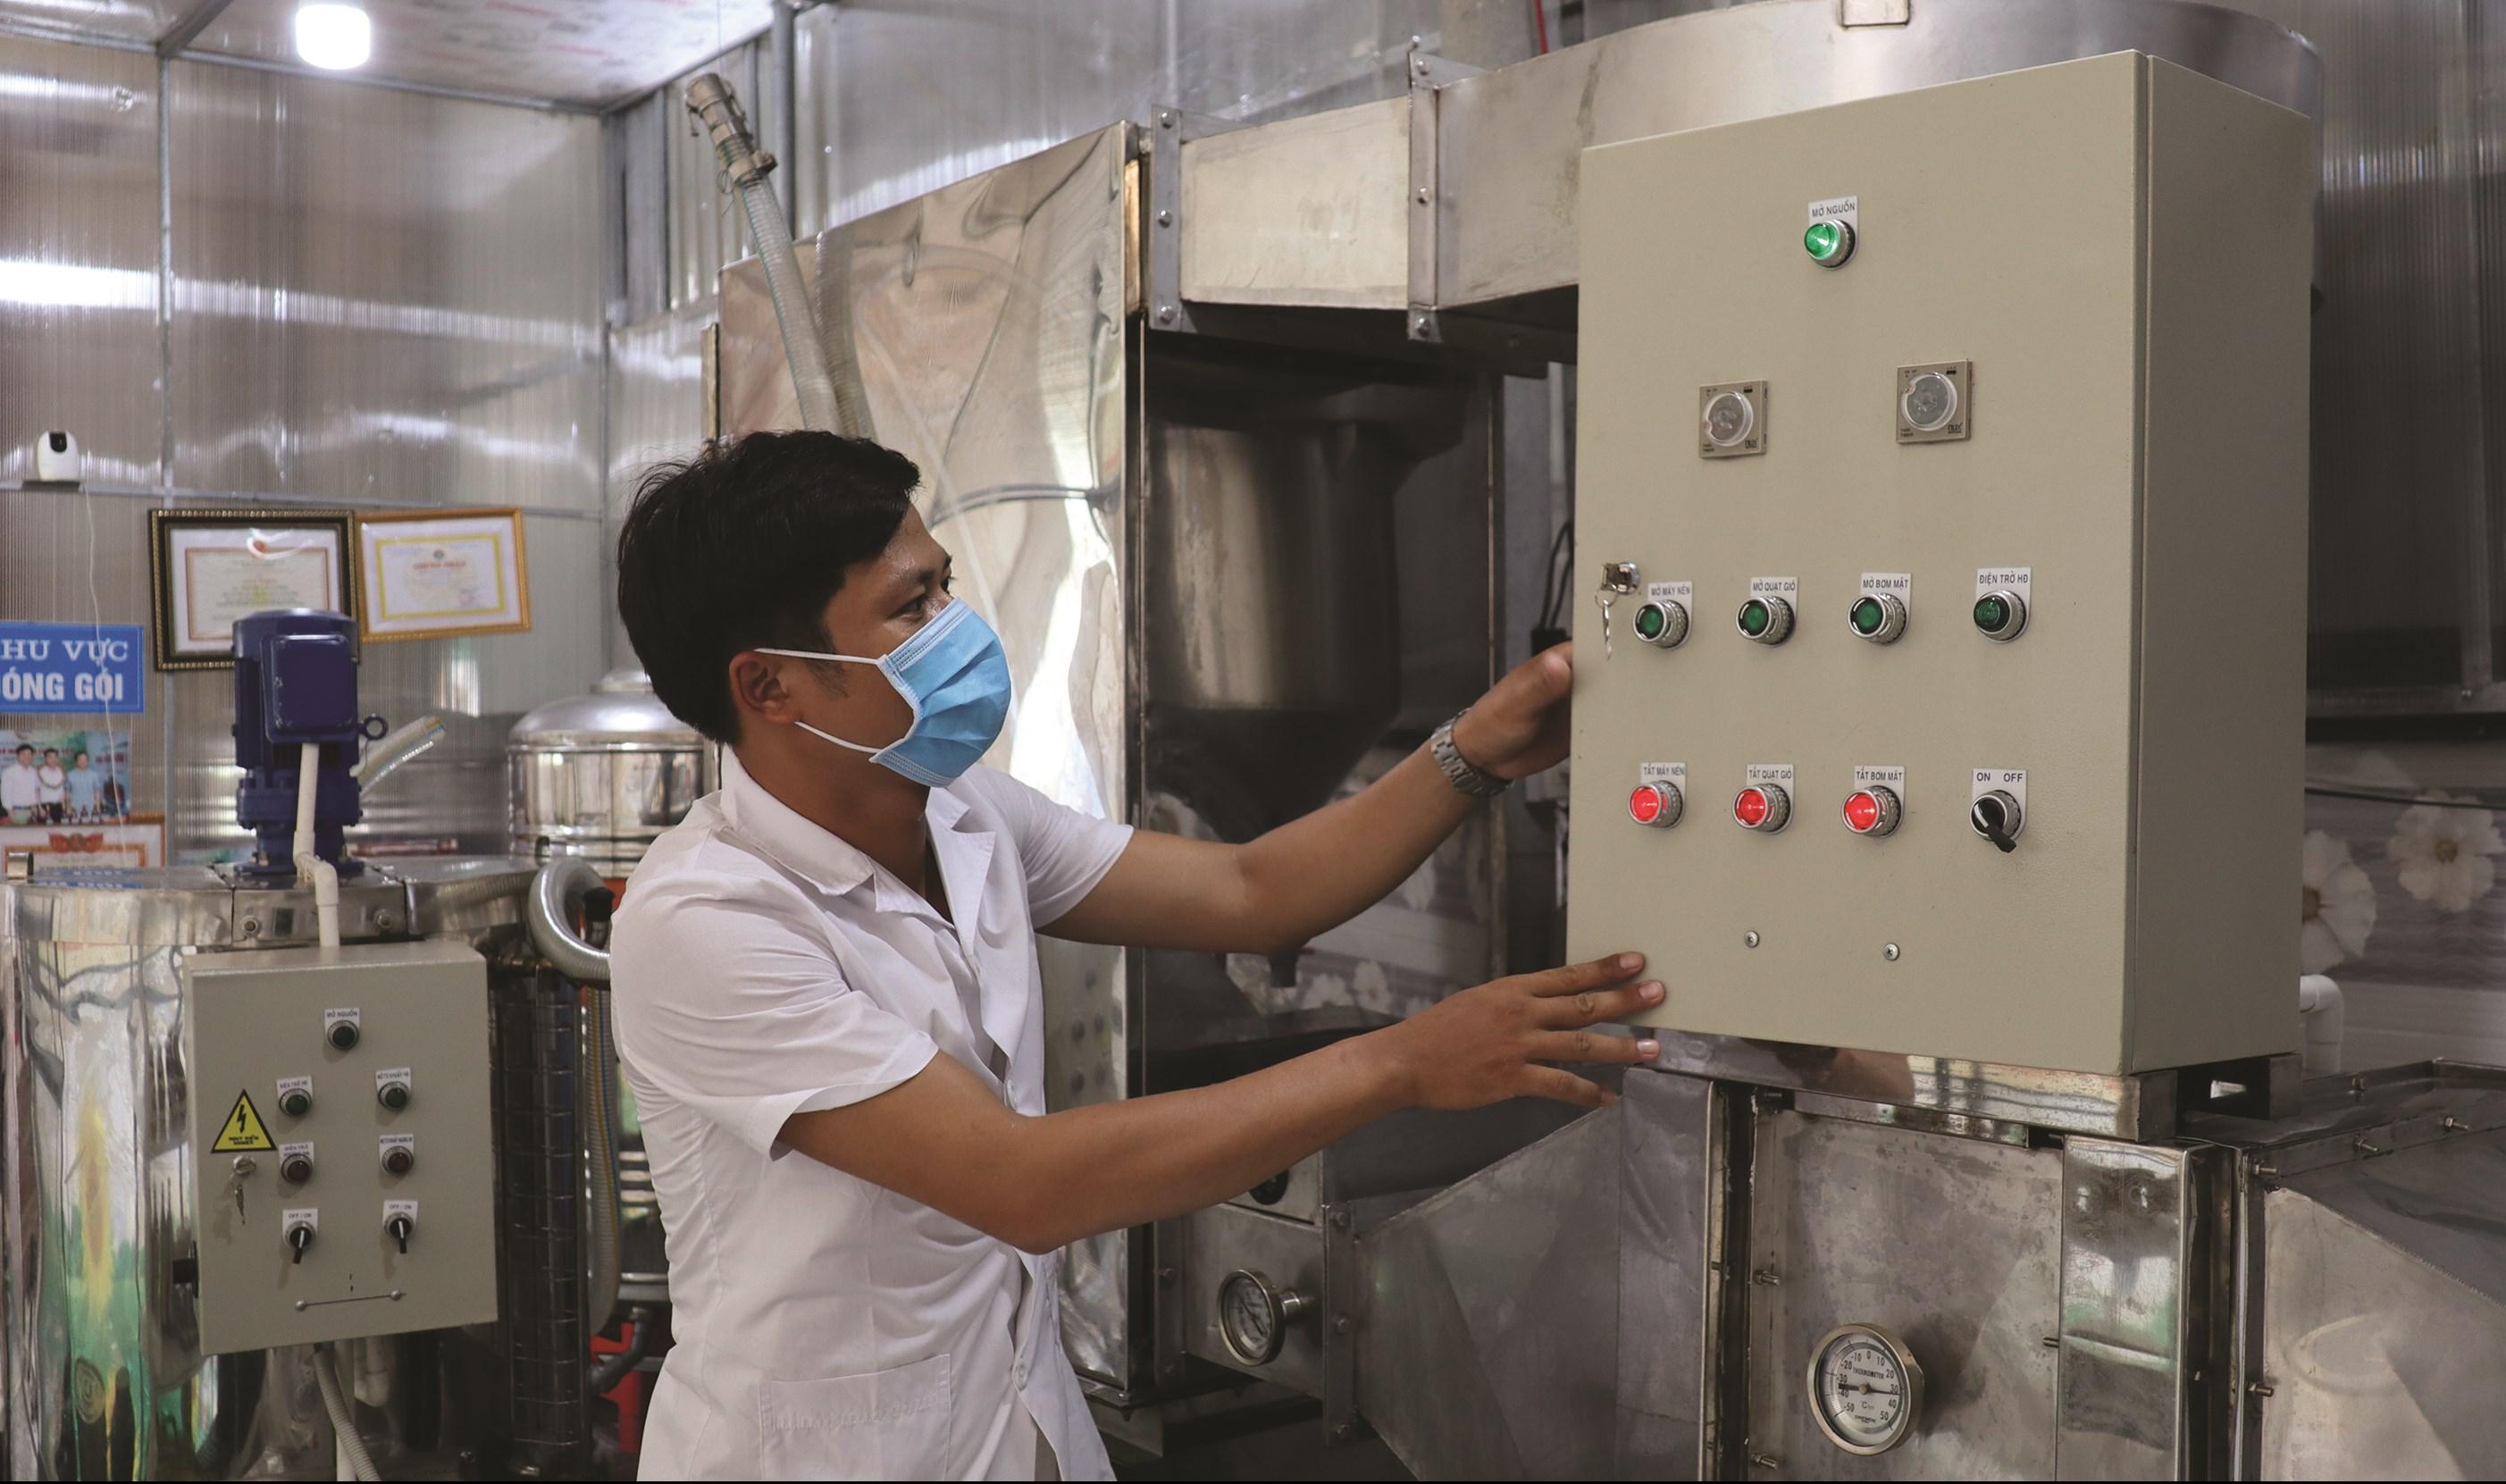 Anh Nguyễn Văn Cường đang vận hành hệ thống máy móc, thiết bị chế biến mật ong.